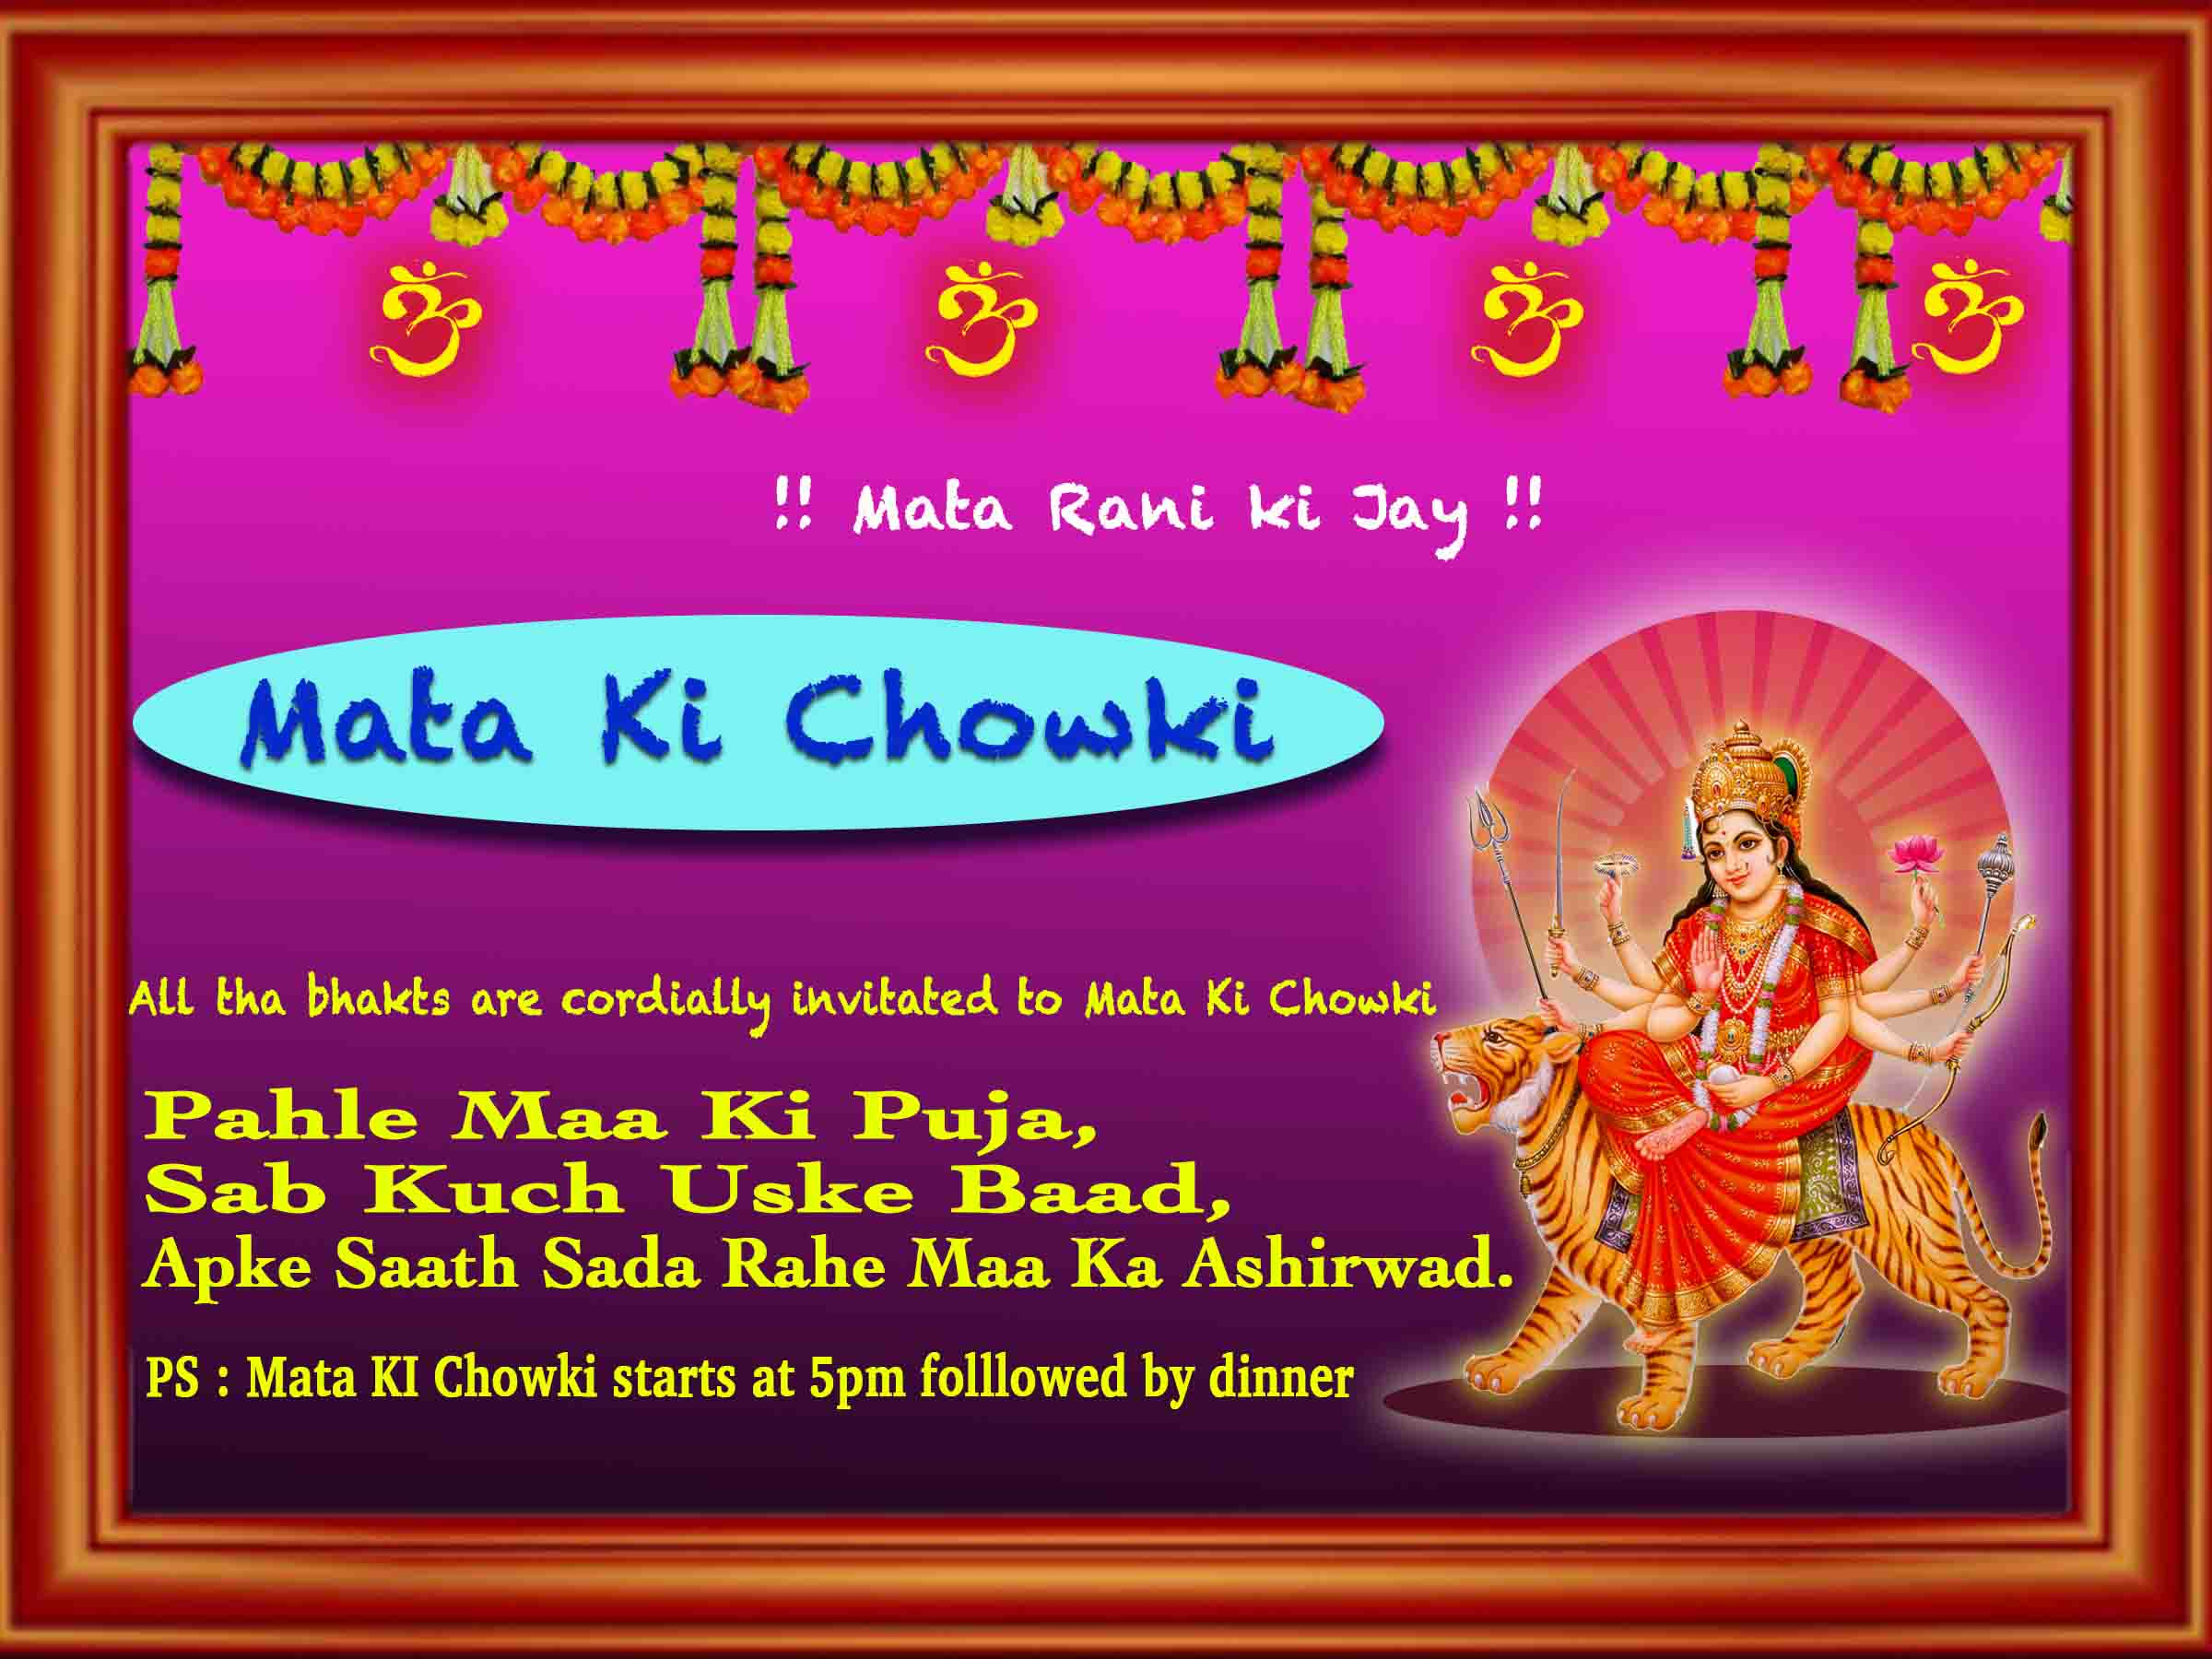 Mata Puja Invitation Card Picture Density